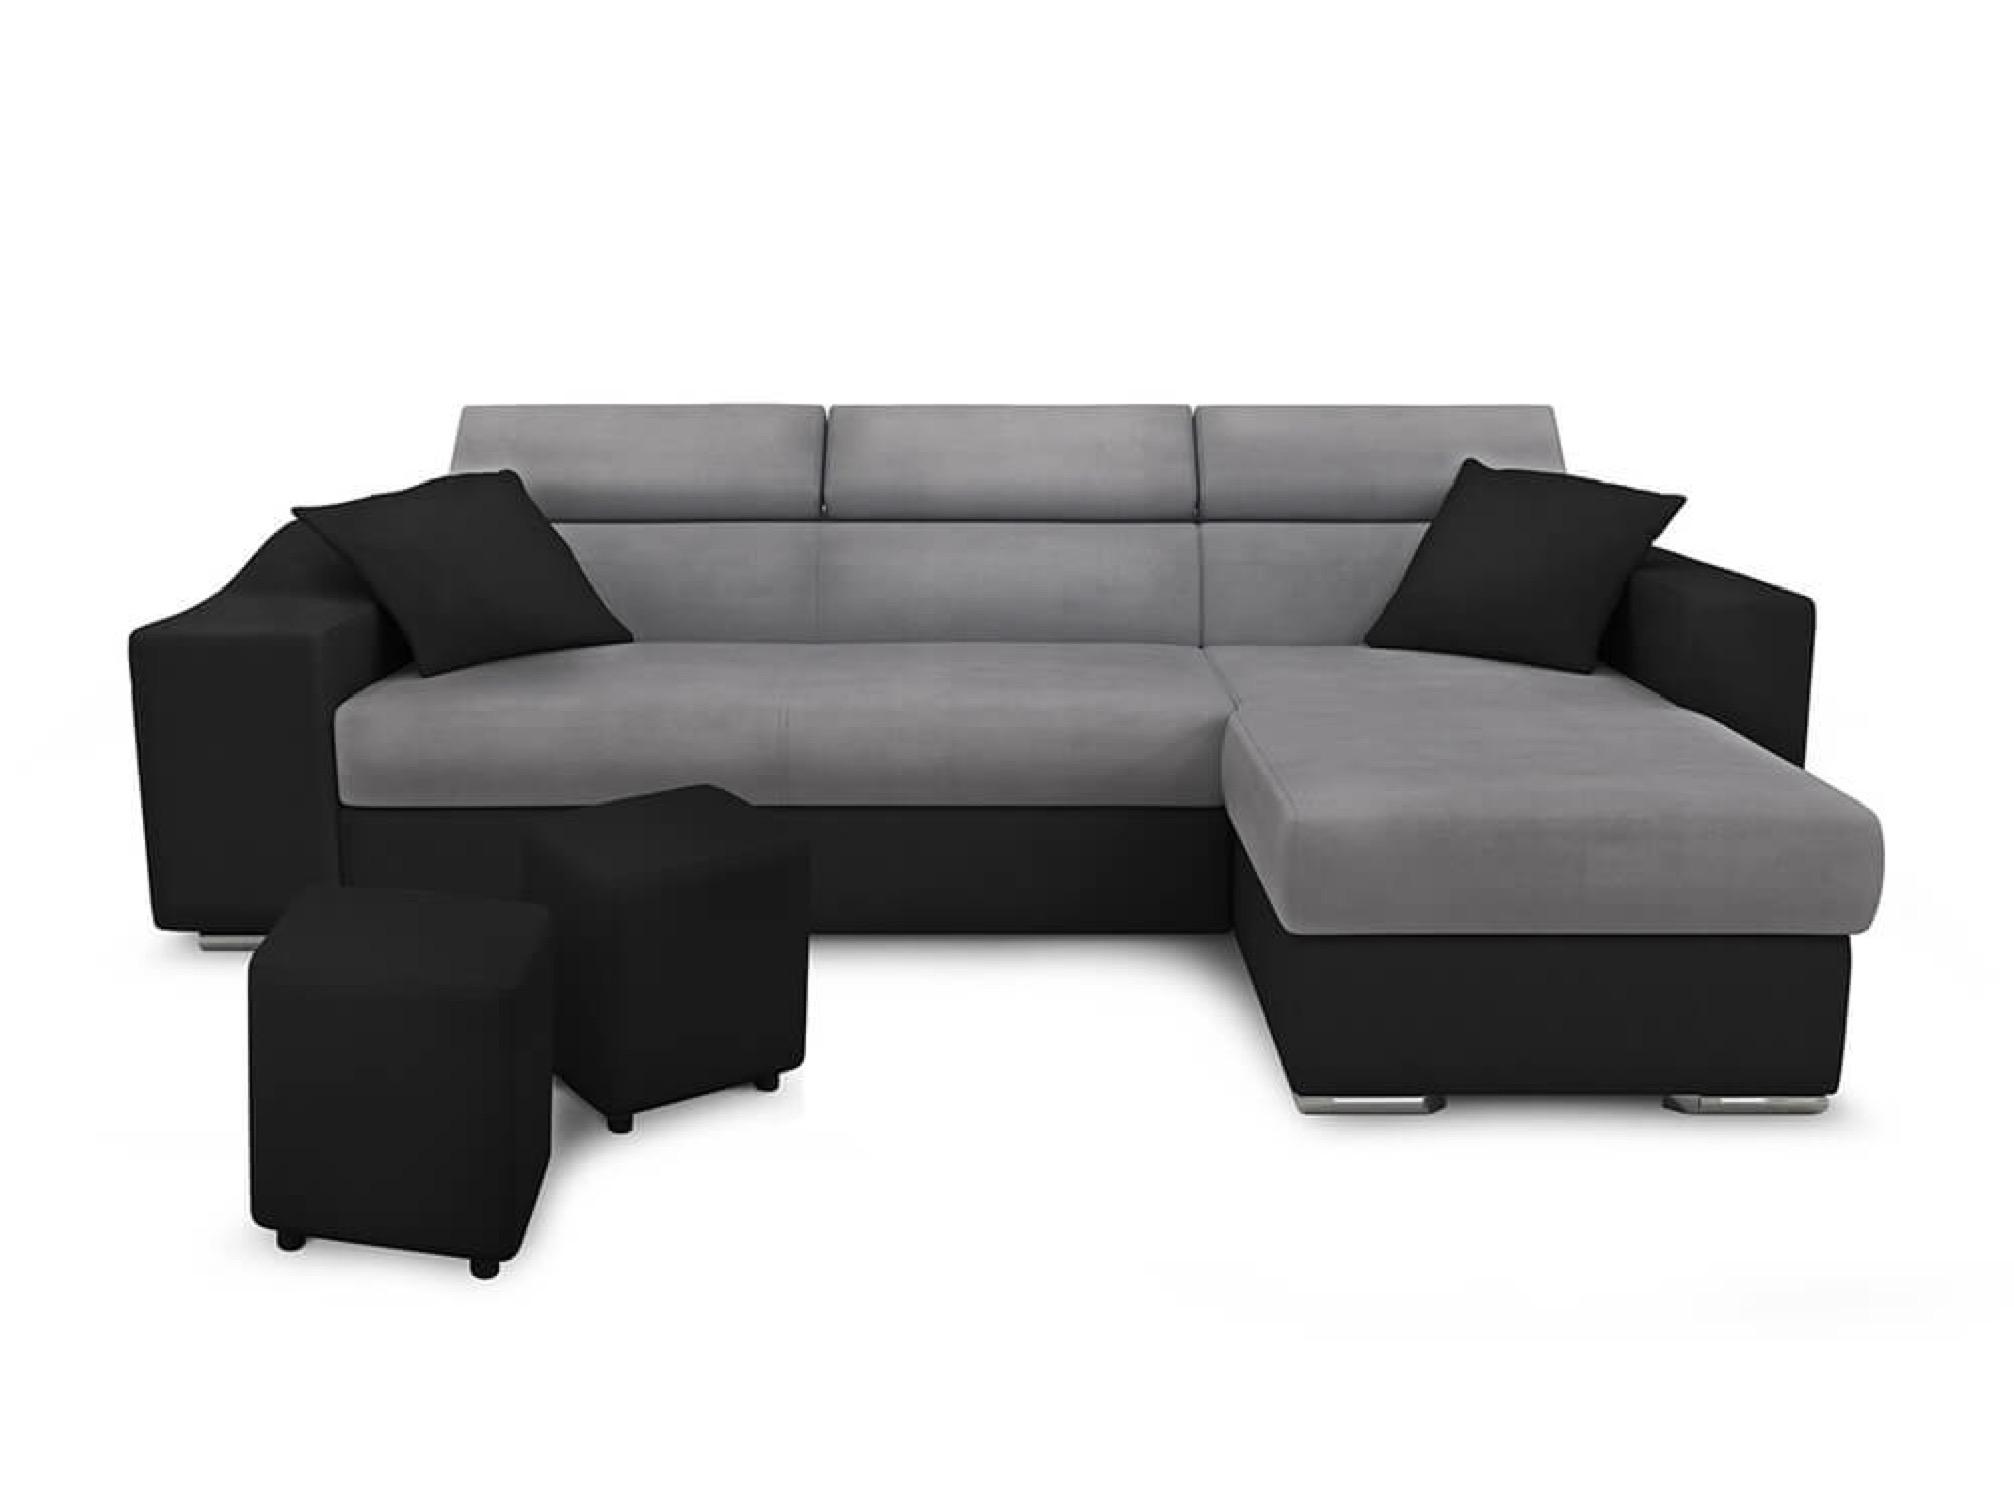 Canapé d'angle 4 places Noir Simili Moderne Confort